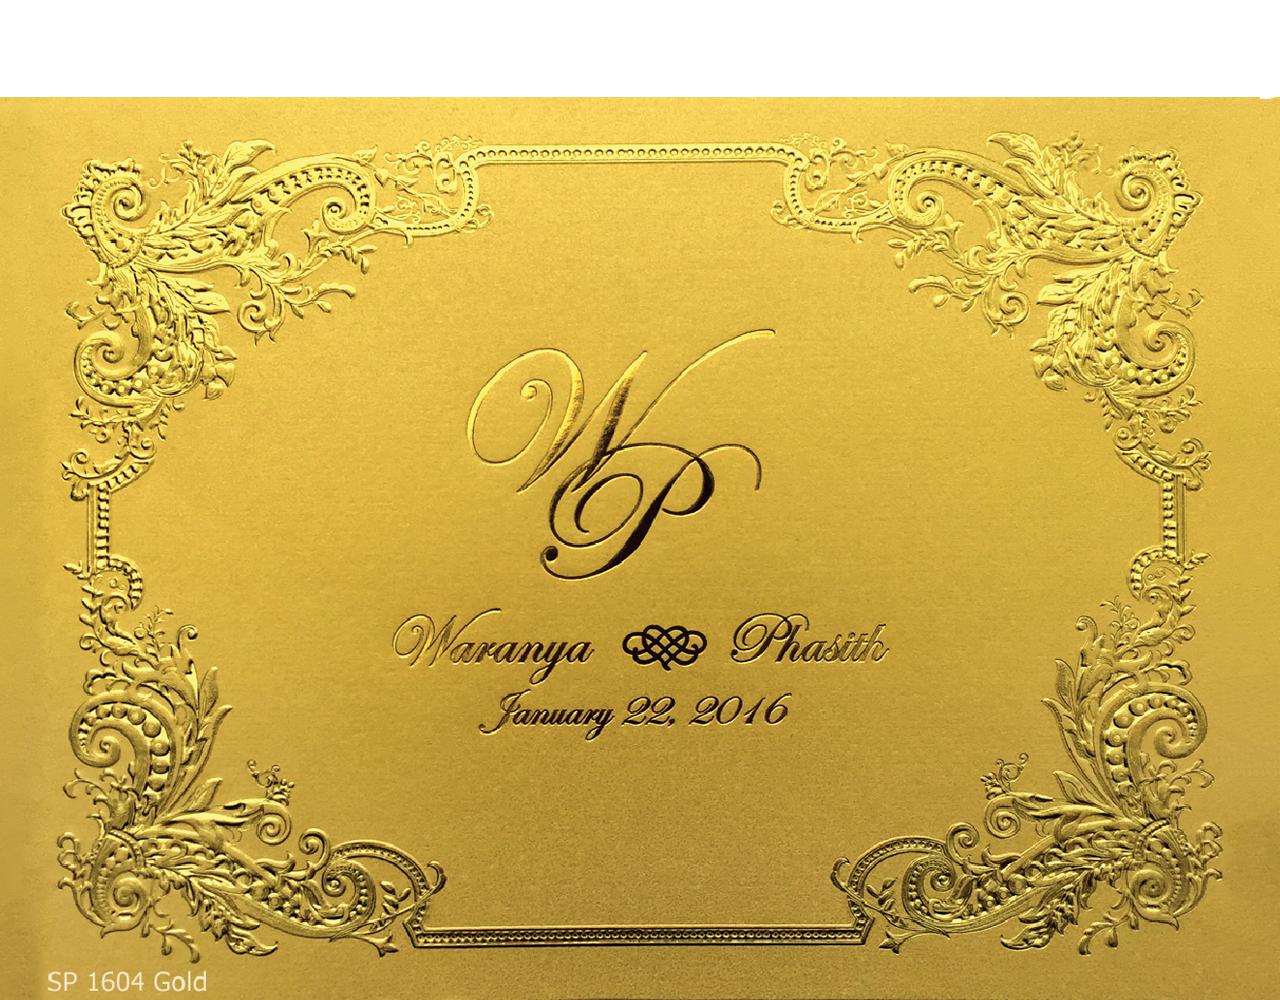 การ์ดแต่งงาน การ์ดเชิญงานแต่งสีมุกทอง ลวดลายเรียบหรู ปั๊มนูนพิมพ์ทองเค SP 1604 สีมุกทอง